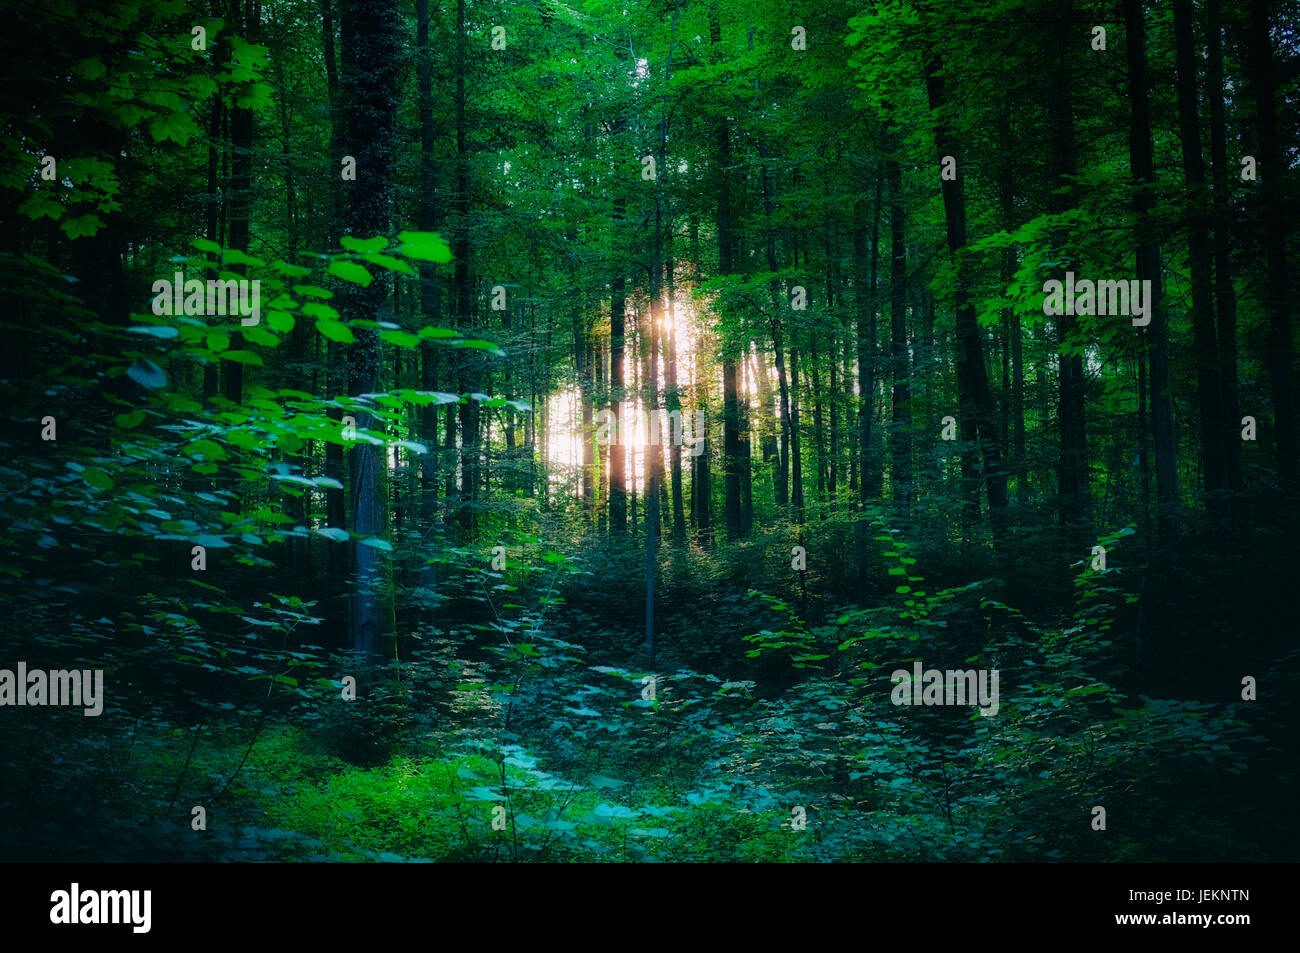 Licht durch die Bäume im Wald Stockbild